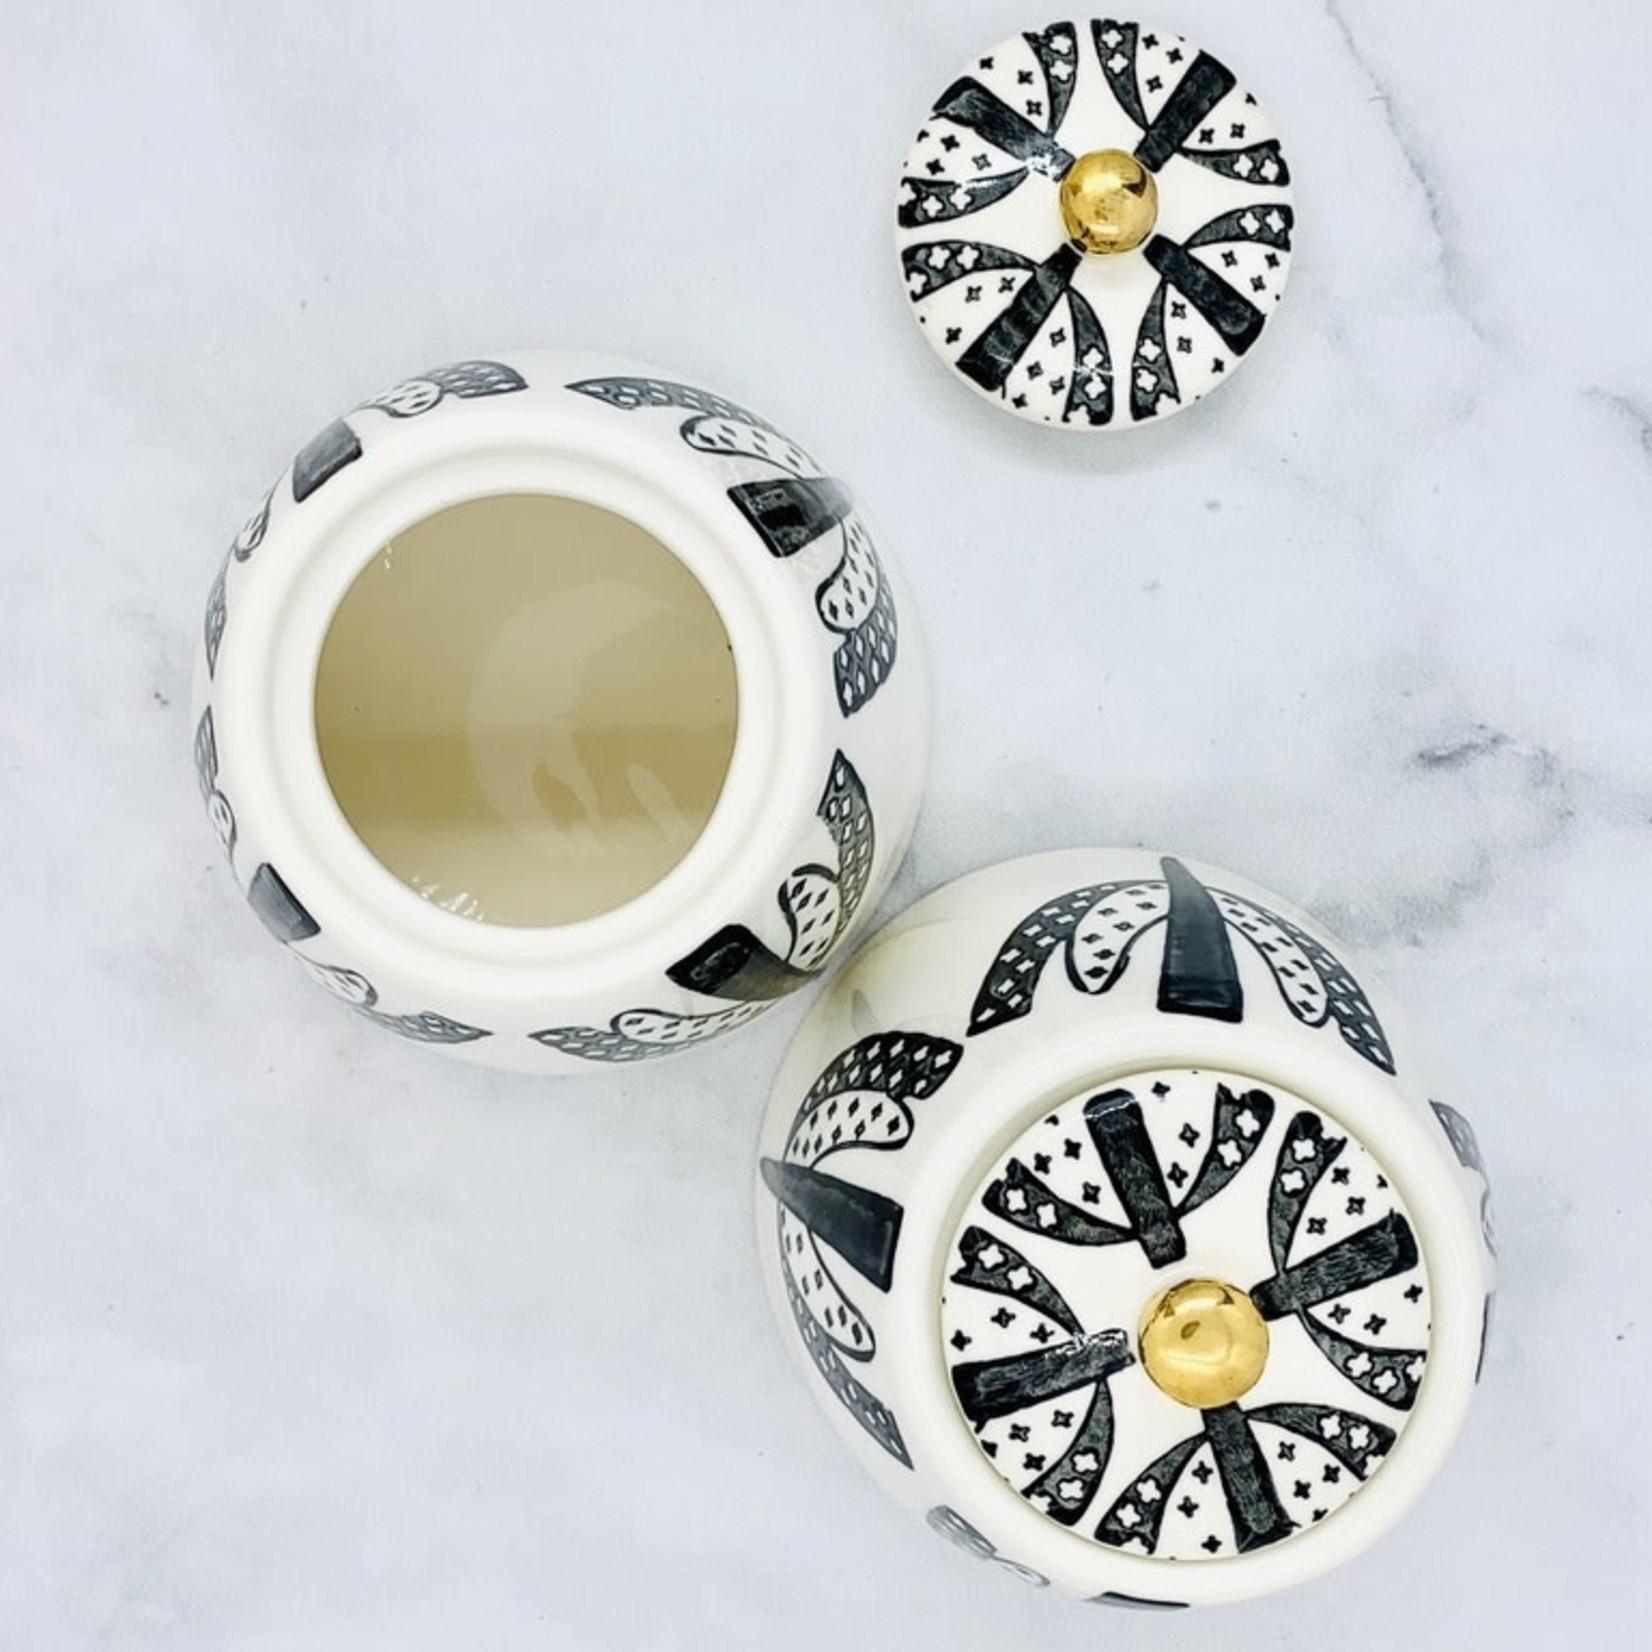 """4-1/4"""" Round x 3-3/4""""H Stoneware Sugar Bowl w/ Lid, Pattern & Gold Electroplating, Black & White"""